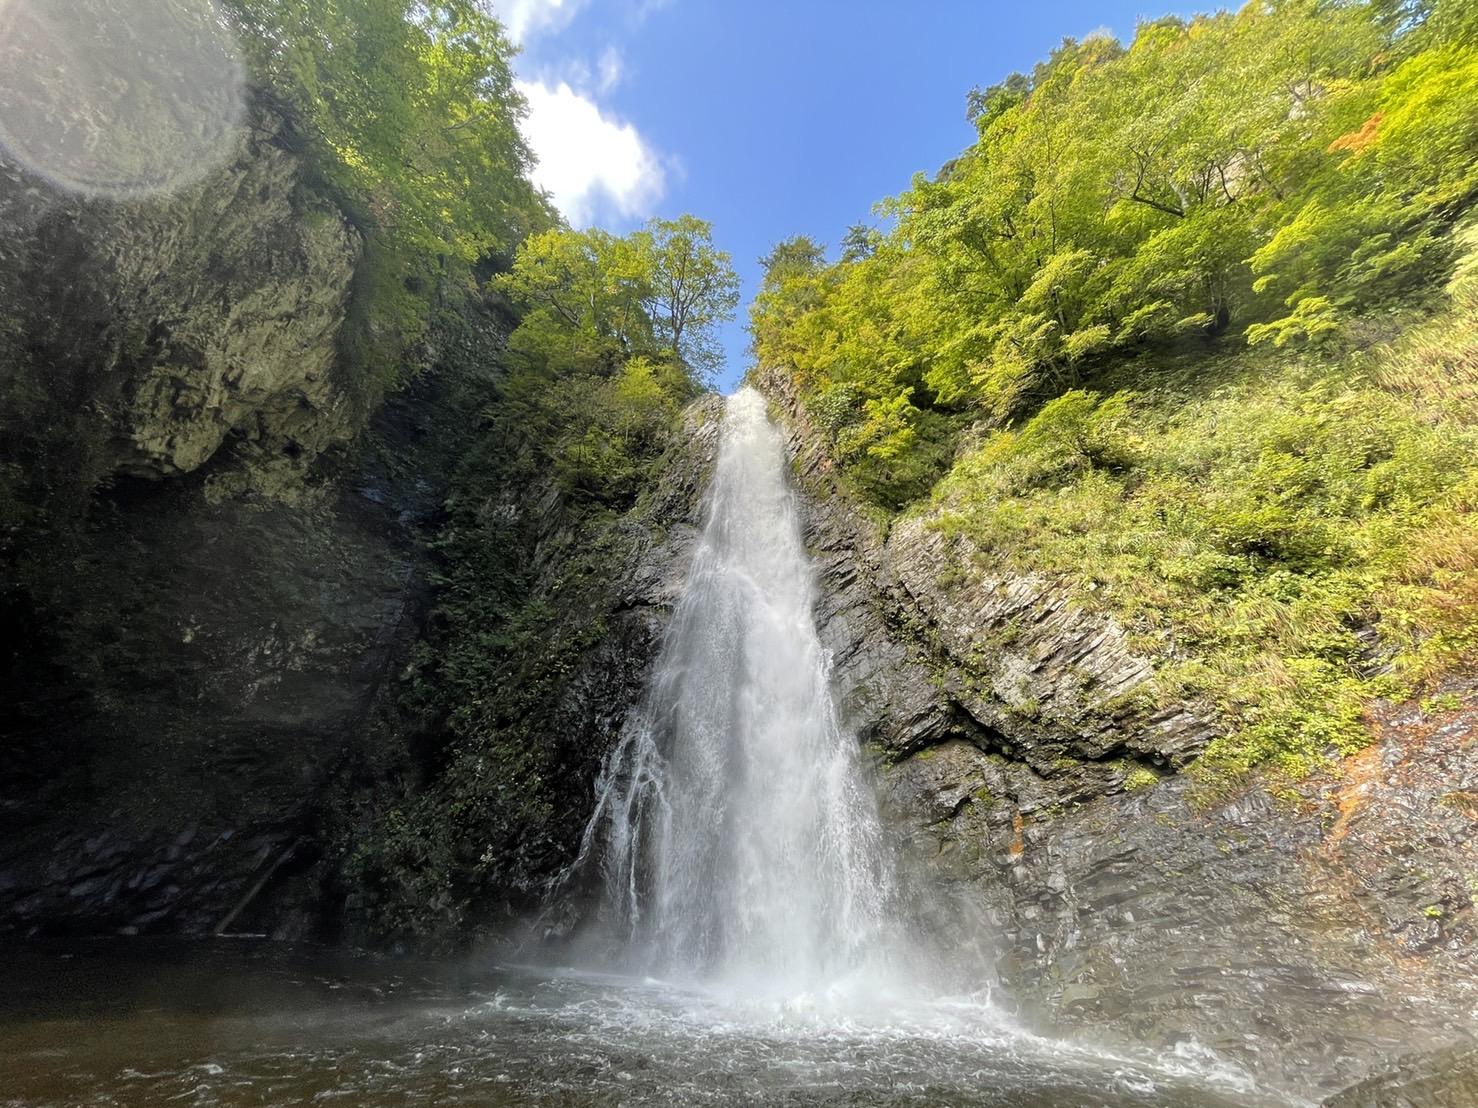 暗門の滝を散策! 世界遺産白神山地のブナ林を拝んできました!